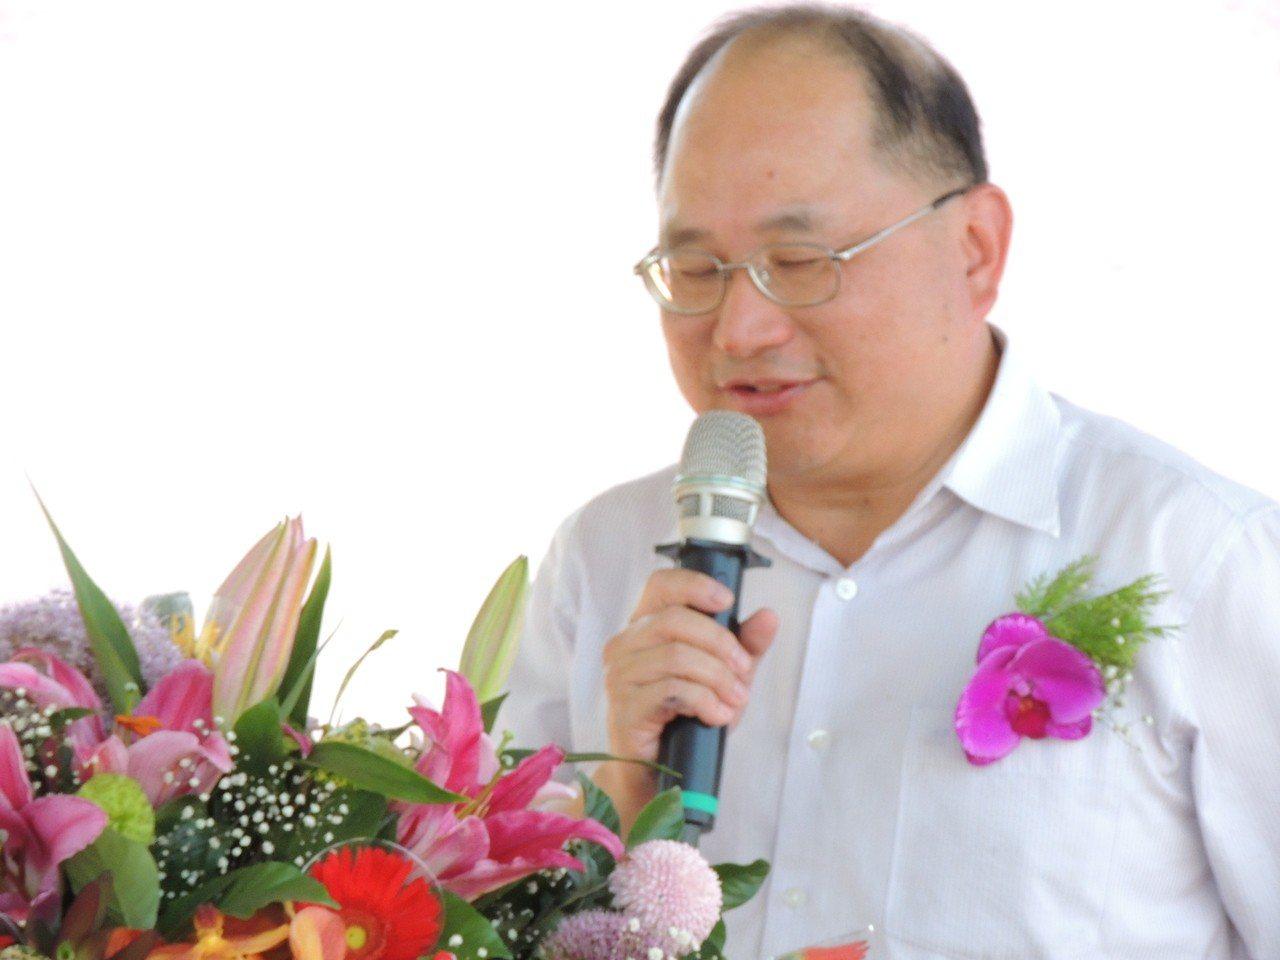 營建署下水道工程處長陳志偉說,汙水下水道工程是看不到,卻是對環境友善的工程,他很...